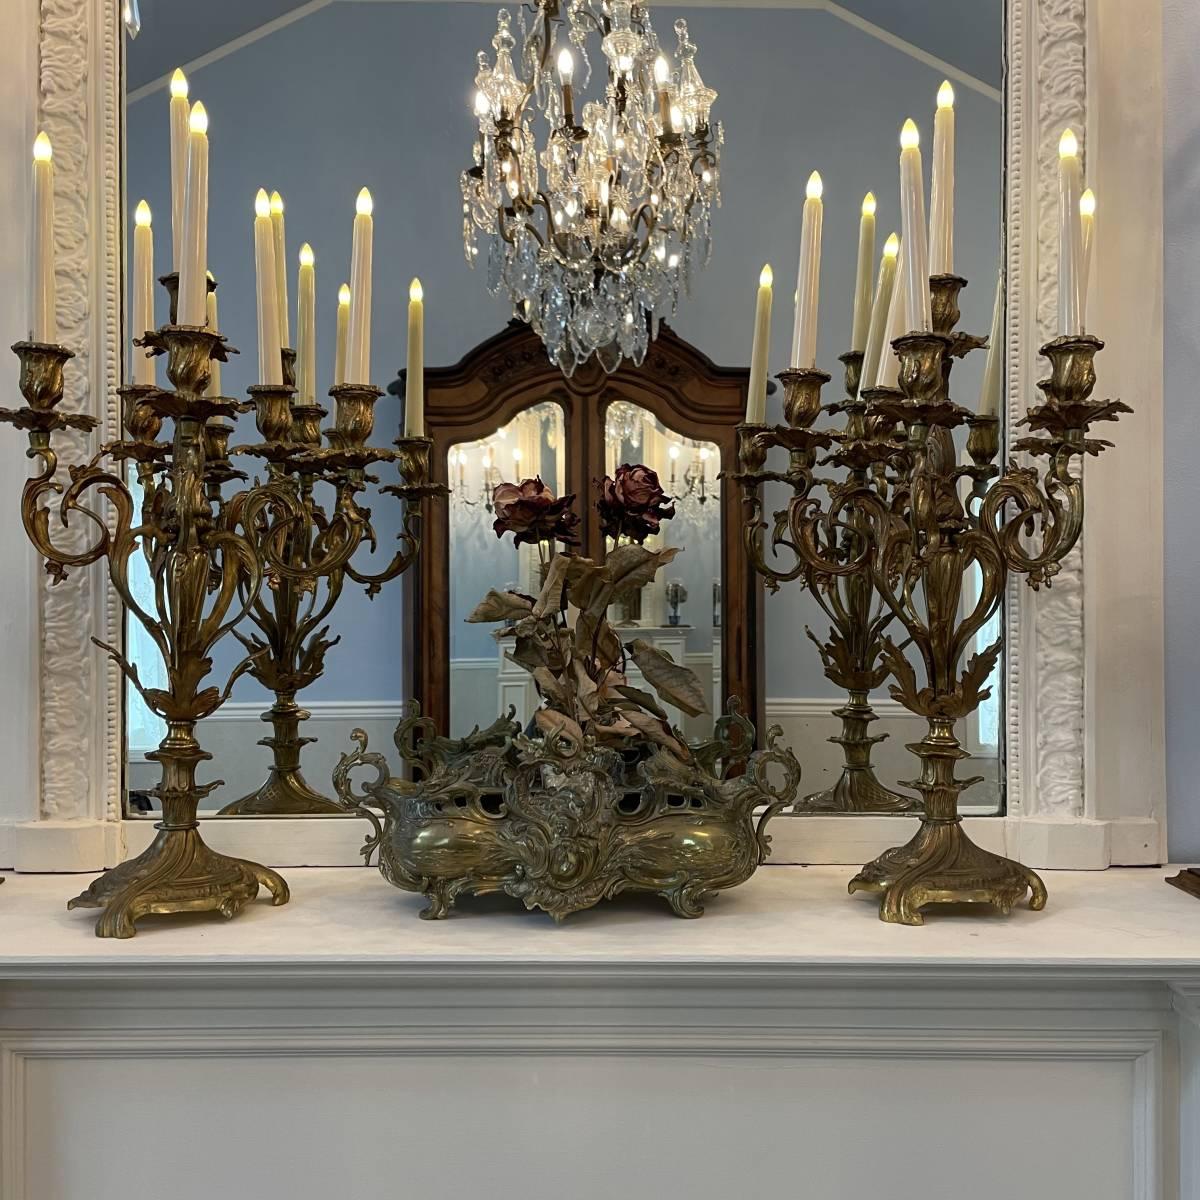 フランスアンティーク キャンドルスタンド ペア ルイ15世様式 ロココ アンティーク シャンデリア 蝋台 大型 セット_キャスドルライトはつきません